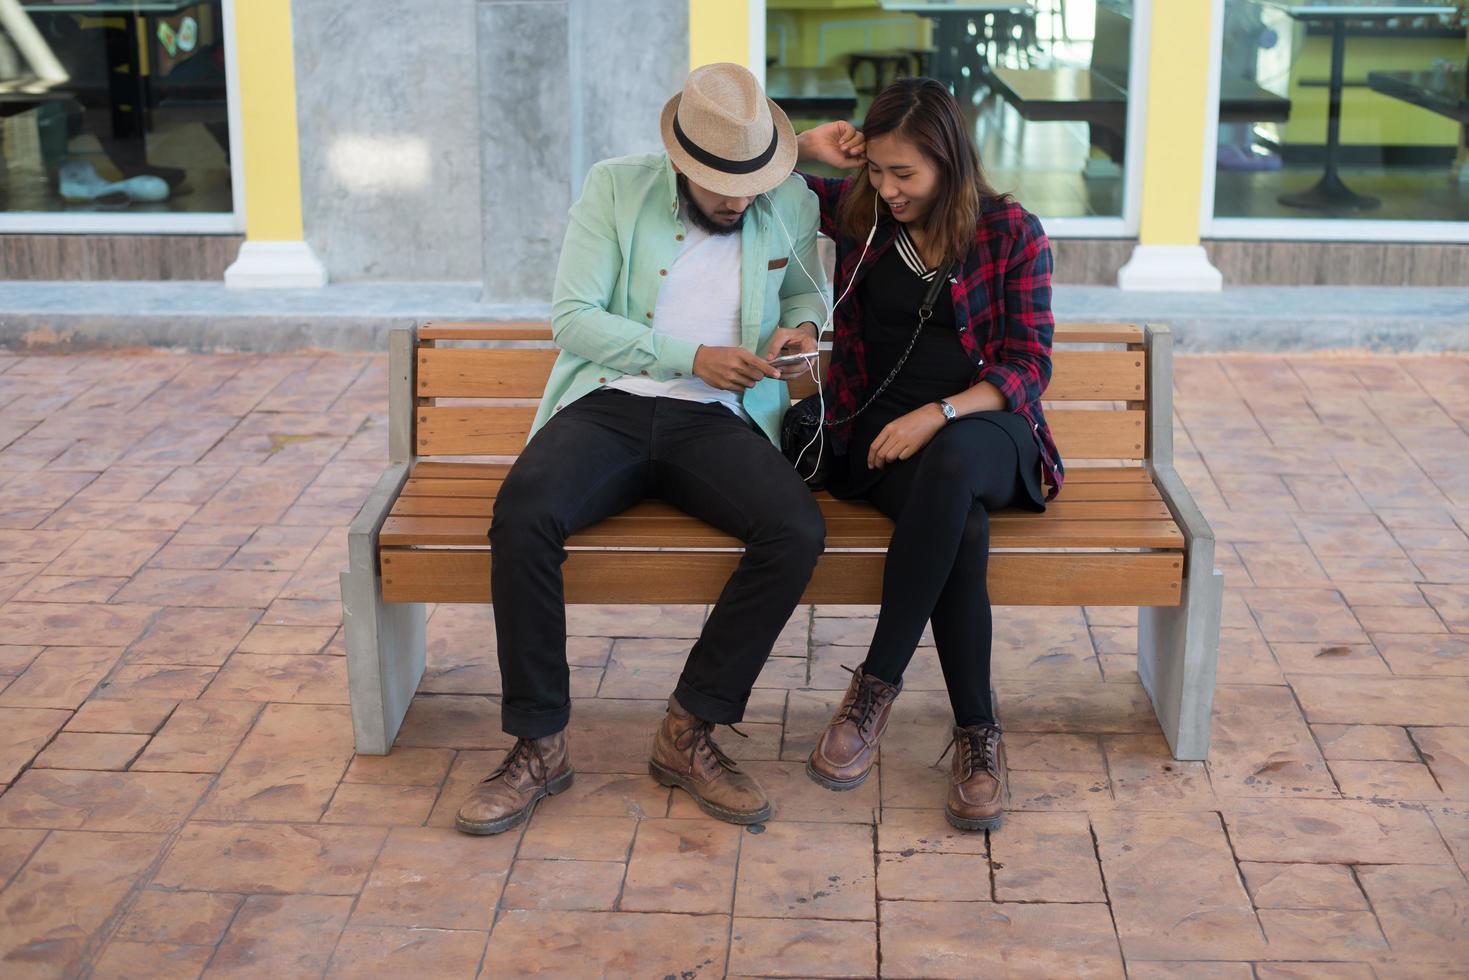 coppia hipster ascoltando musica insieme seduti su una panchina foto